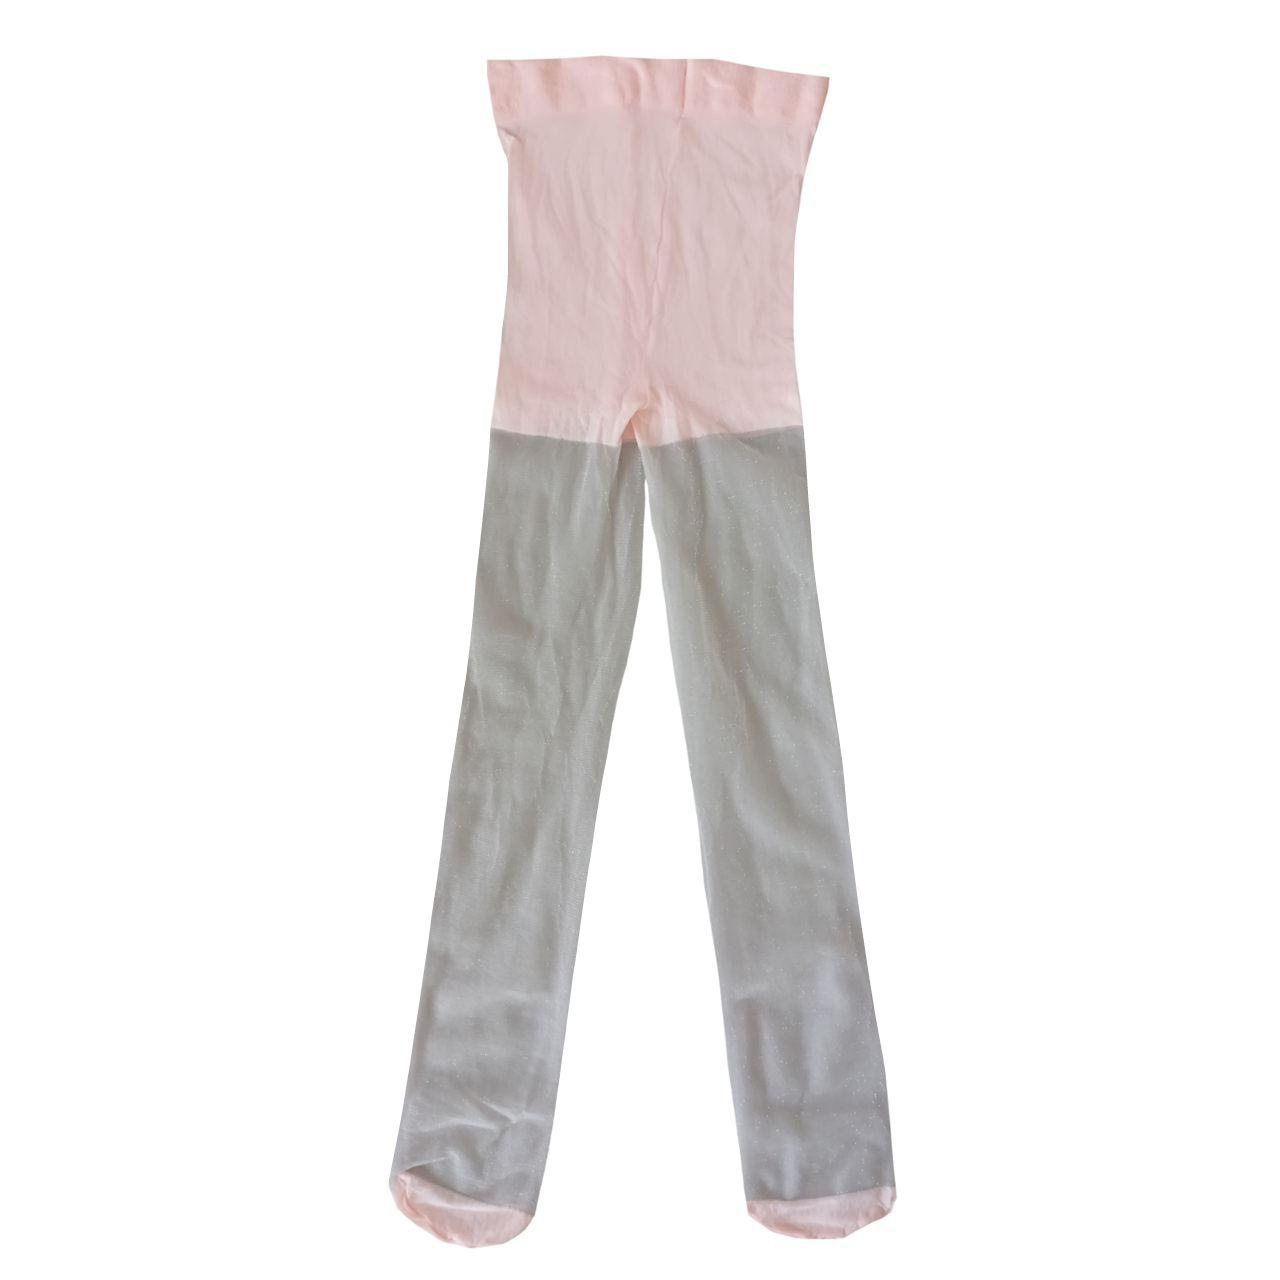 جوراب شلواری دخترانه کد 27 -  - 2